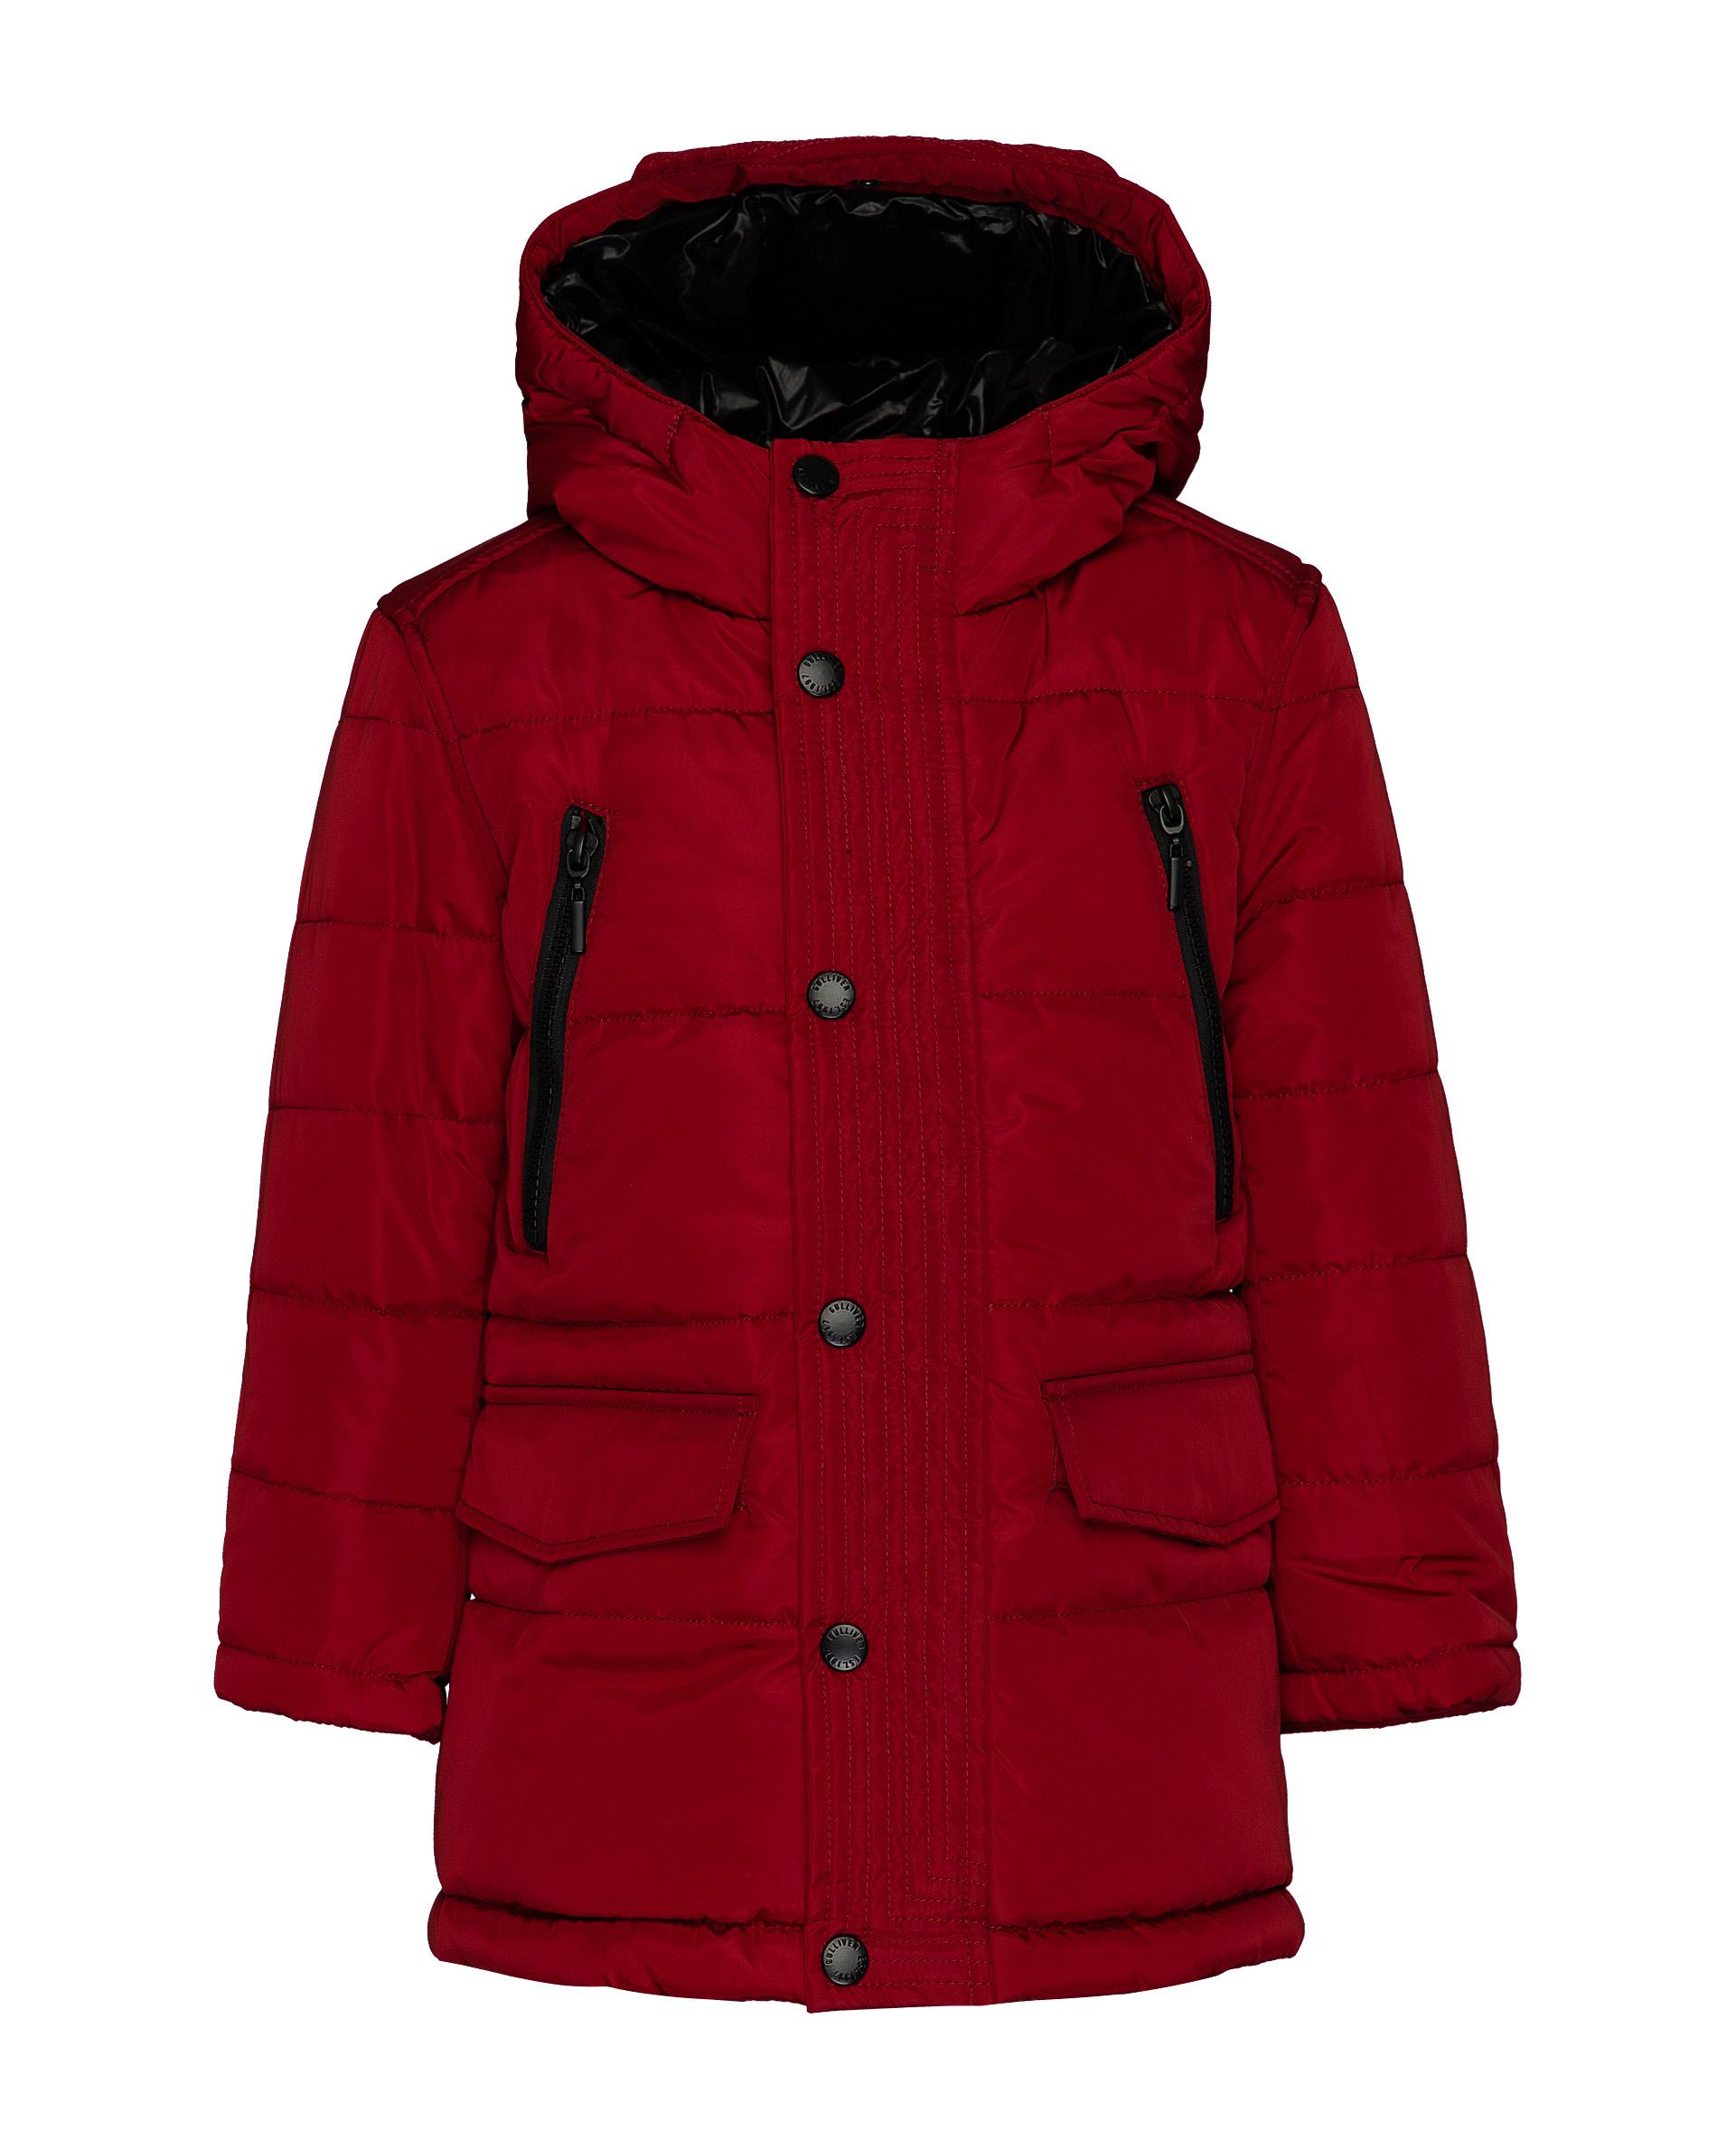 Купить 21905BMC4504, Красное демисезонное полупальто Gulliver, красный, 116, Мужской, ОСЕНЬ/ЗИМА 2020-2021 (shop: GulliverMarket Gulliver Market)